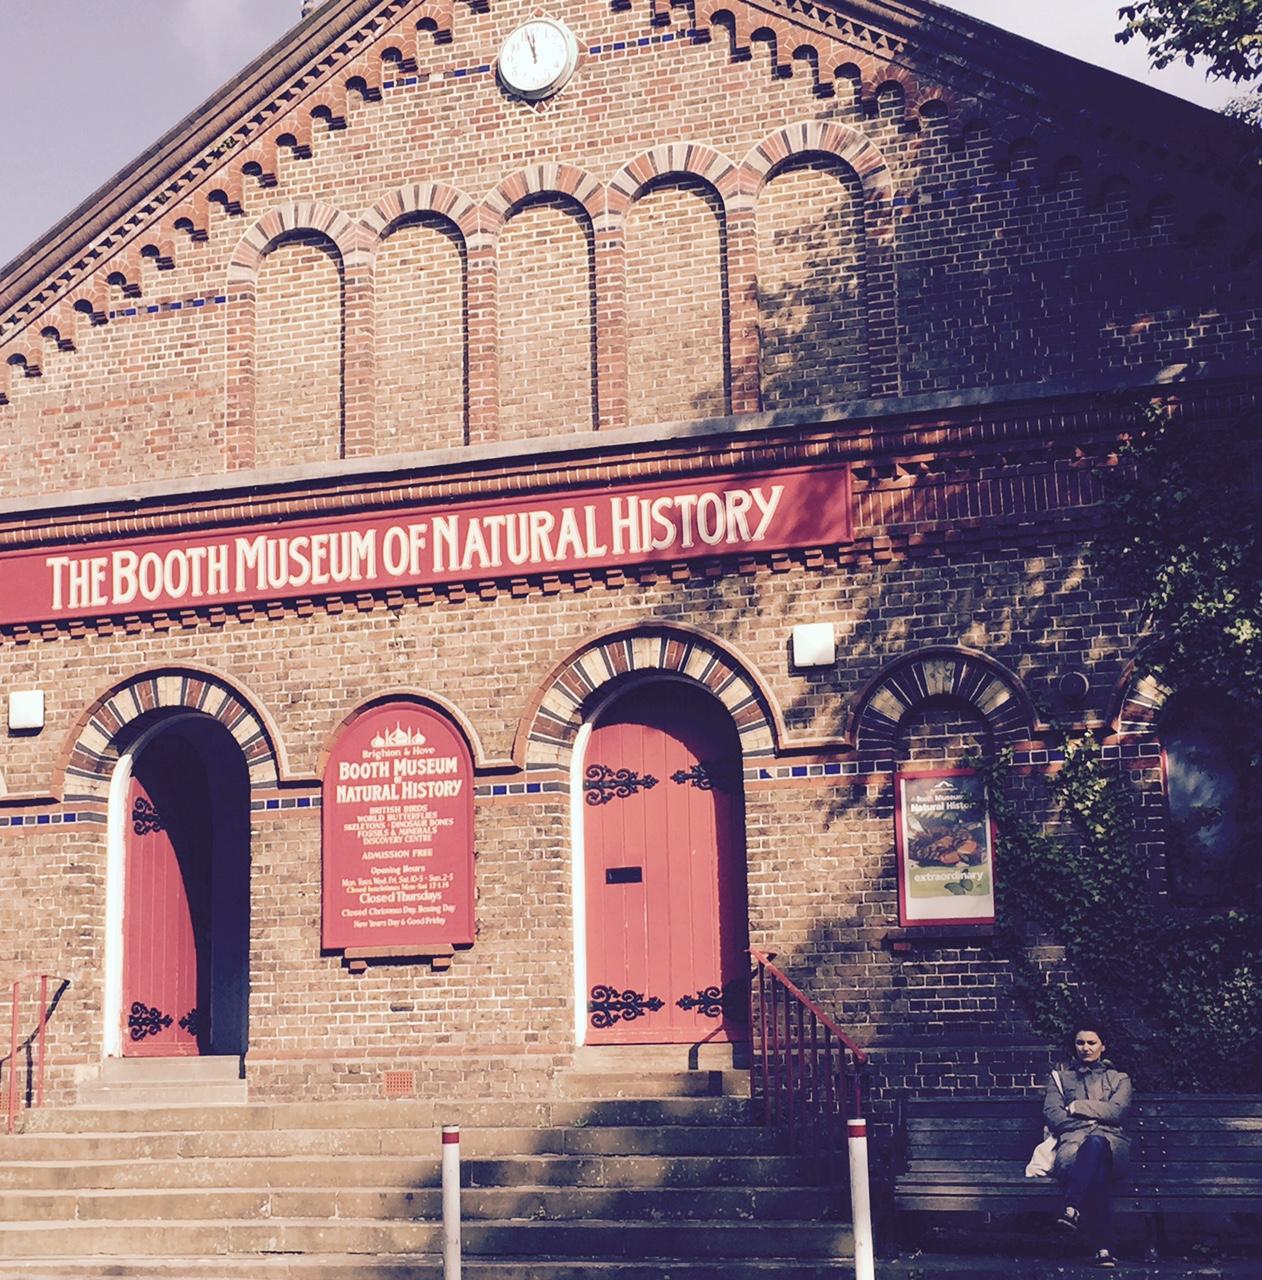 booth museum brighton